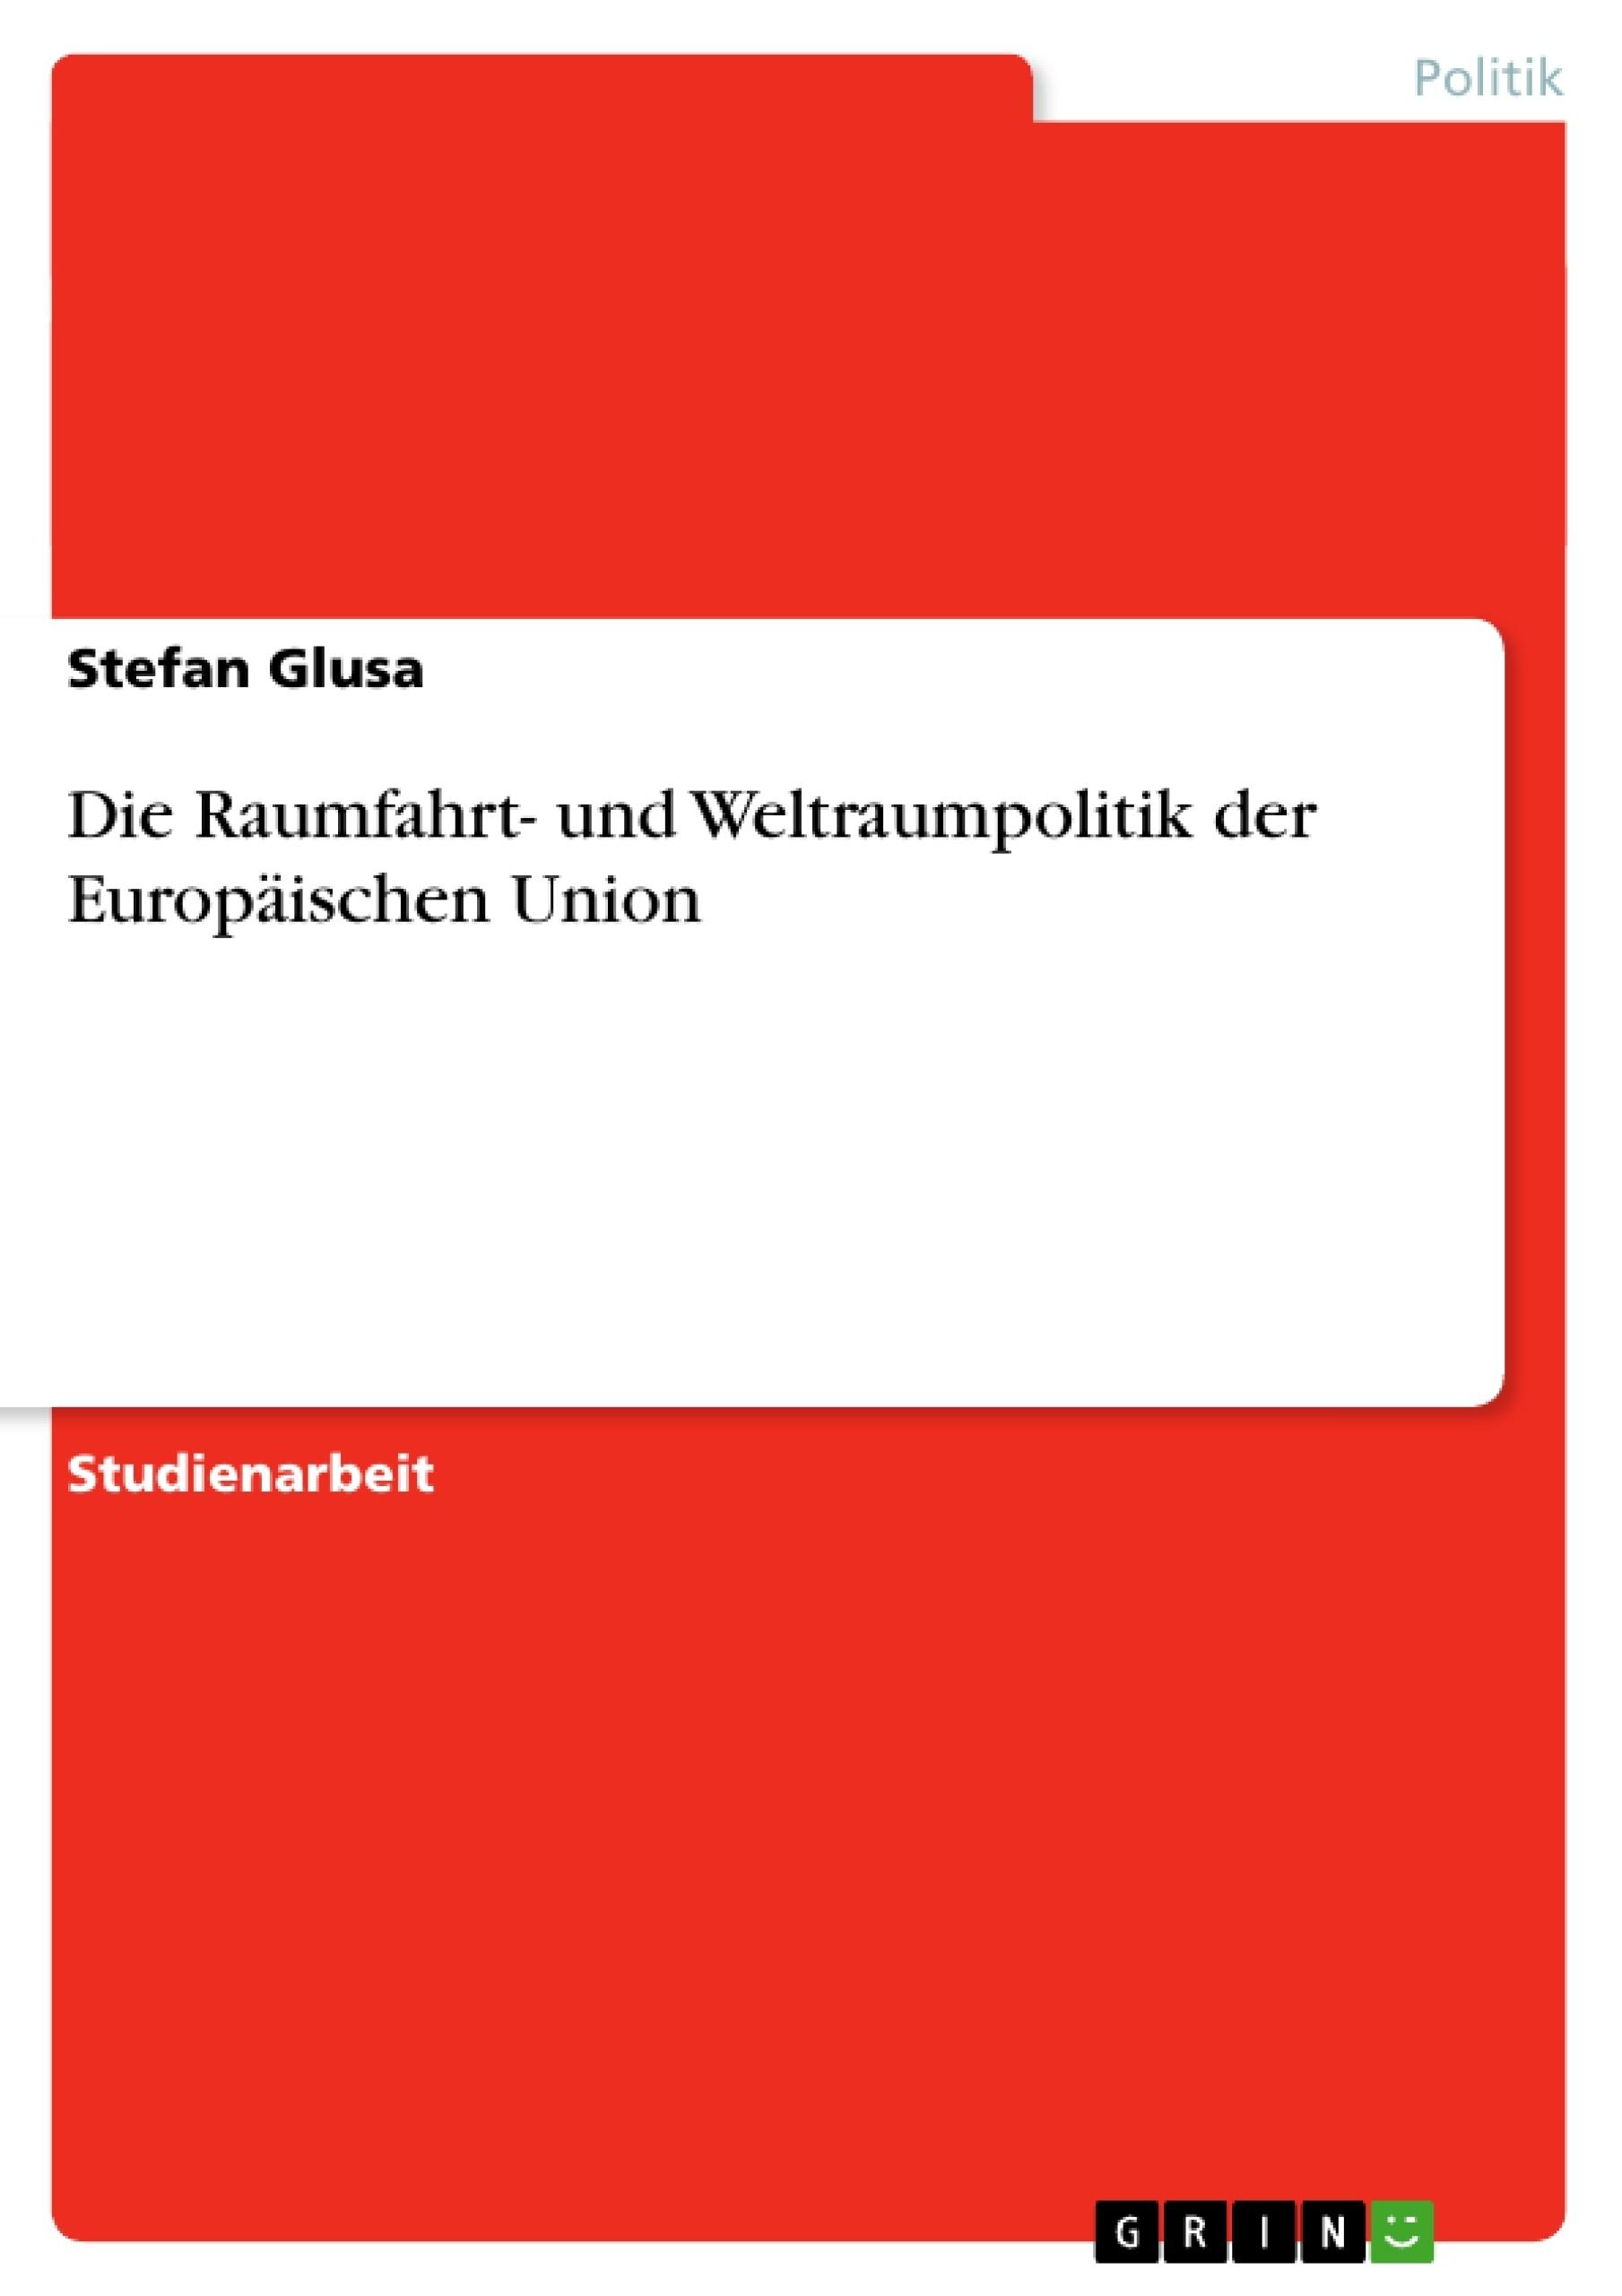 Titel: Die Raumfahrt- und Weltraumpolitik der Europäischen Union